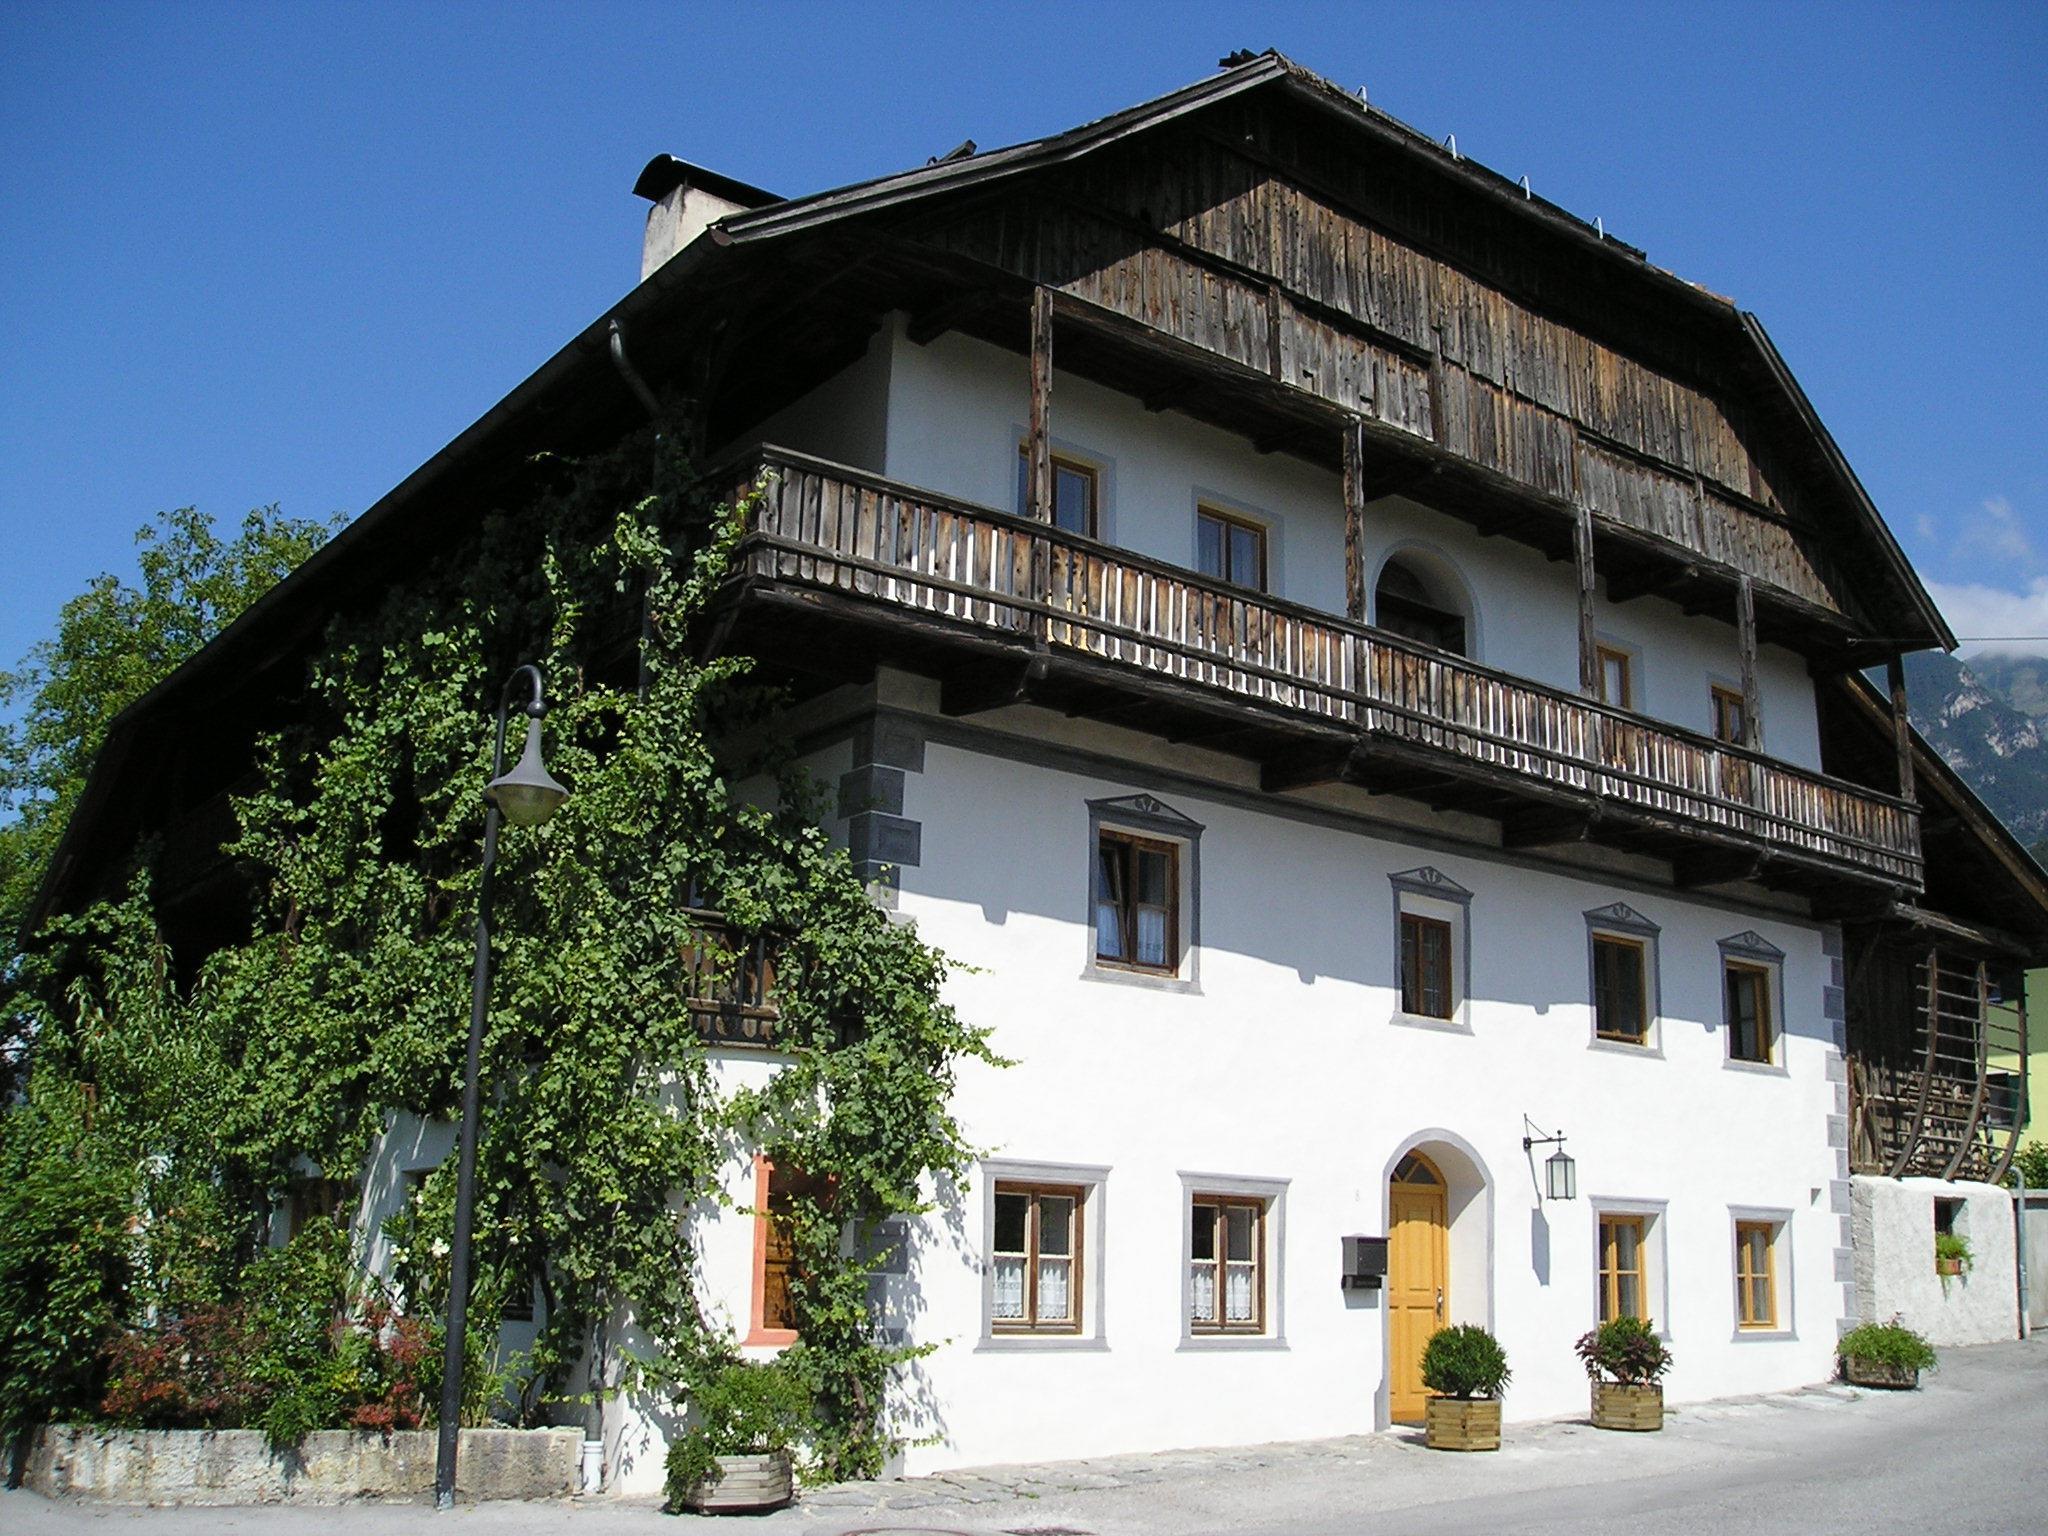 Garberhaus